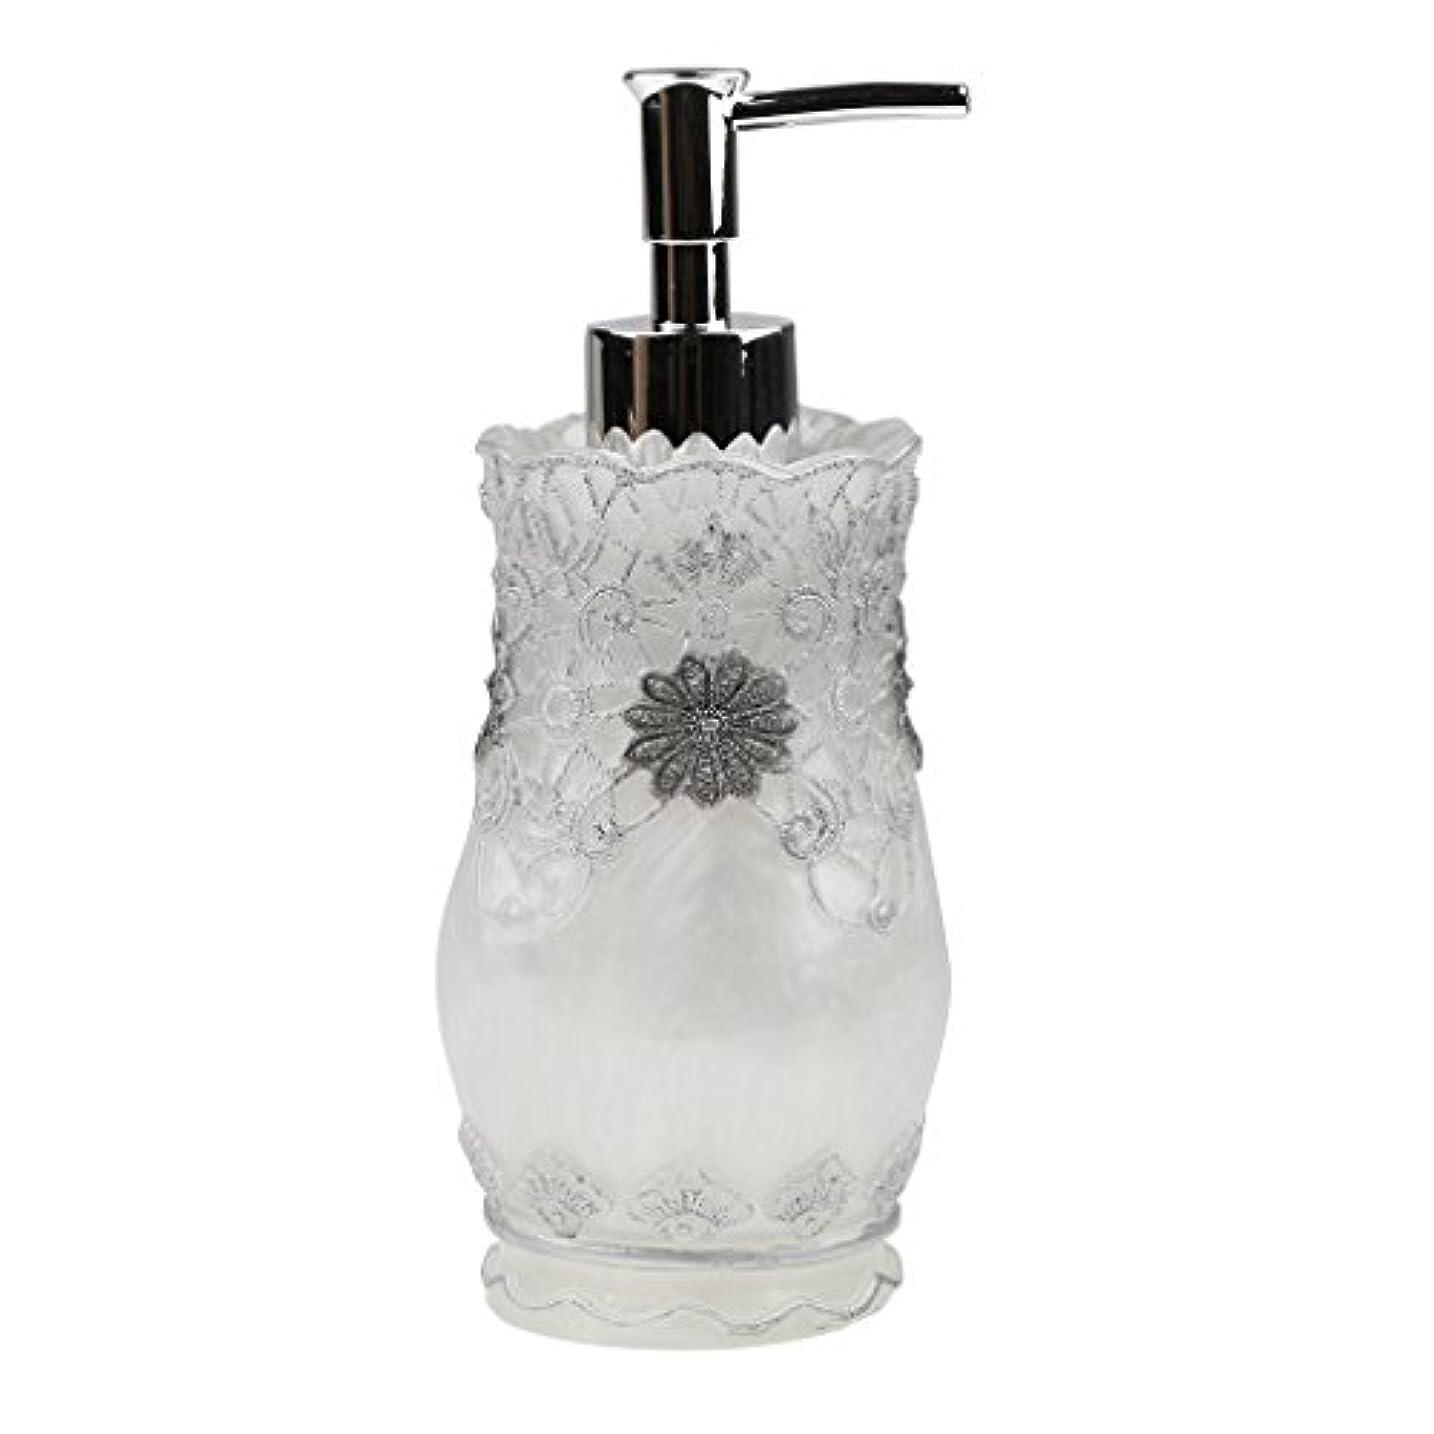 代表する施し合意Homyl 液体ソープ シャンプー用 空 シャンプー ボトル  詰め替えボトル 美しい エレガント デザイン  全4種類 - #2